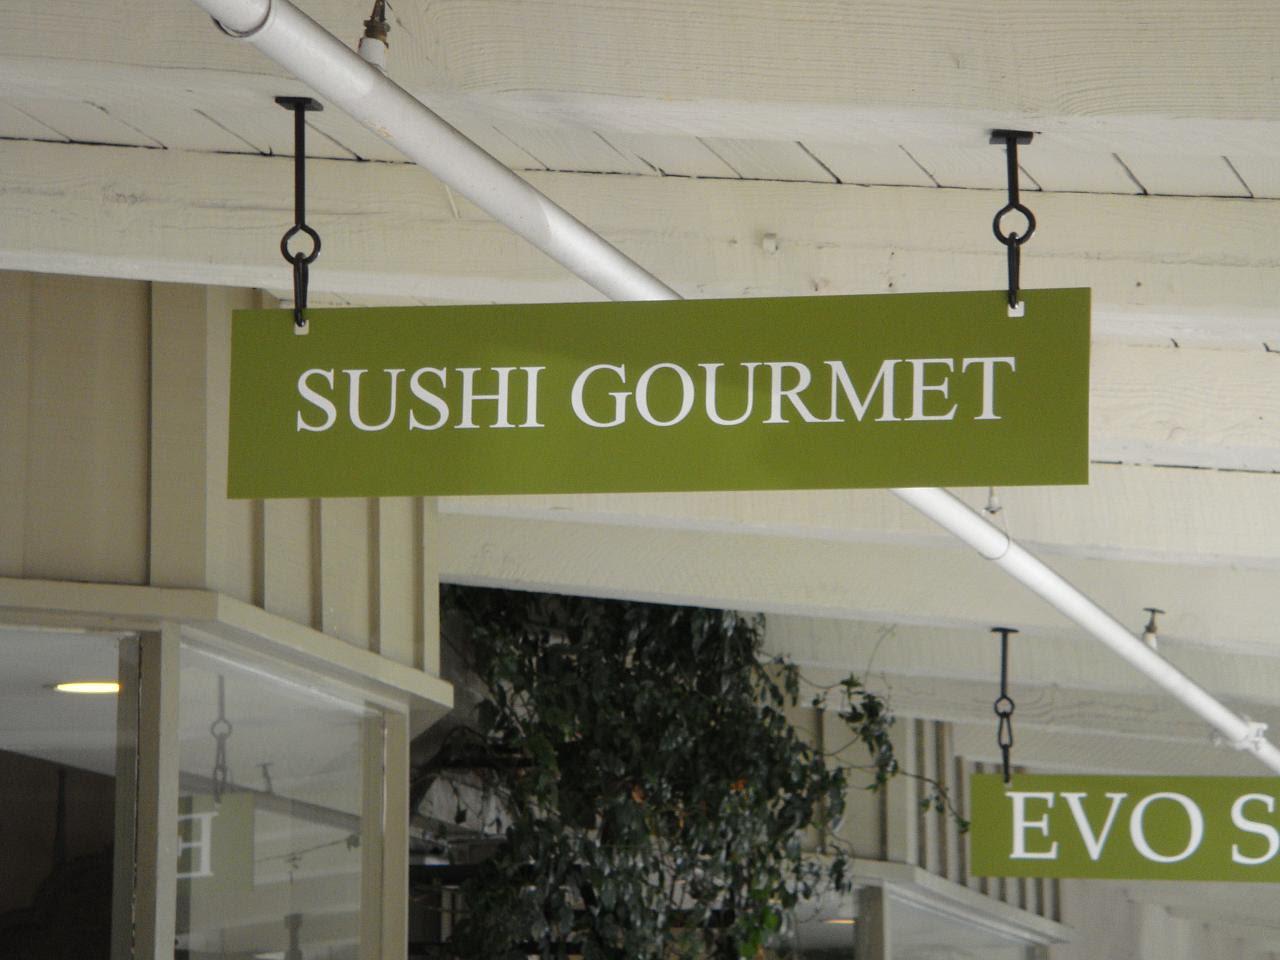 Sushi Gourmet Sign